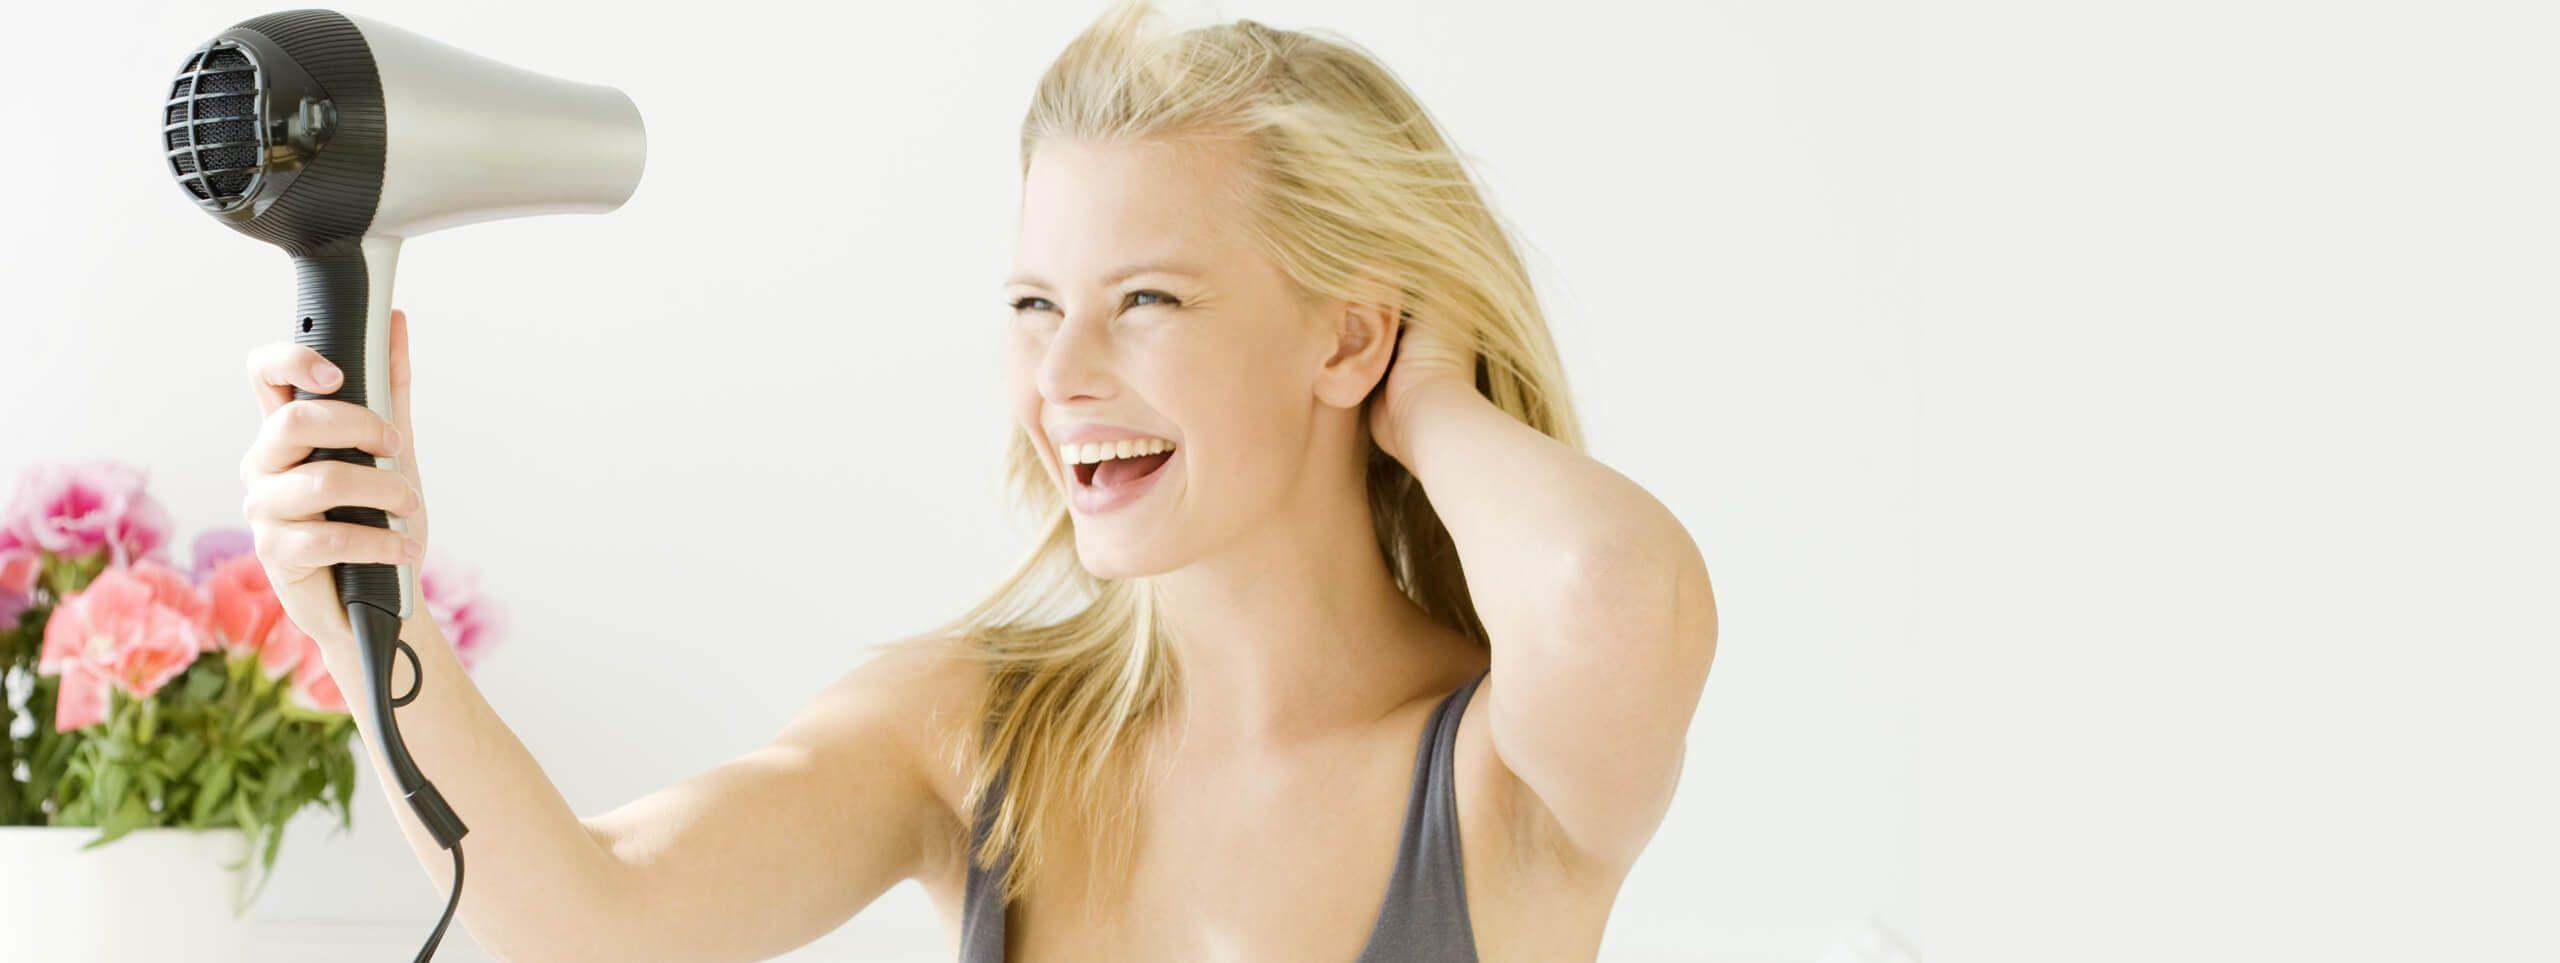 Protezione dal calore dei capelli: donna con i capelli biondi che mantiene l'asciugaapelli ad una distanza di sicurezza